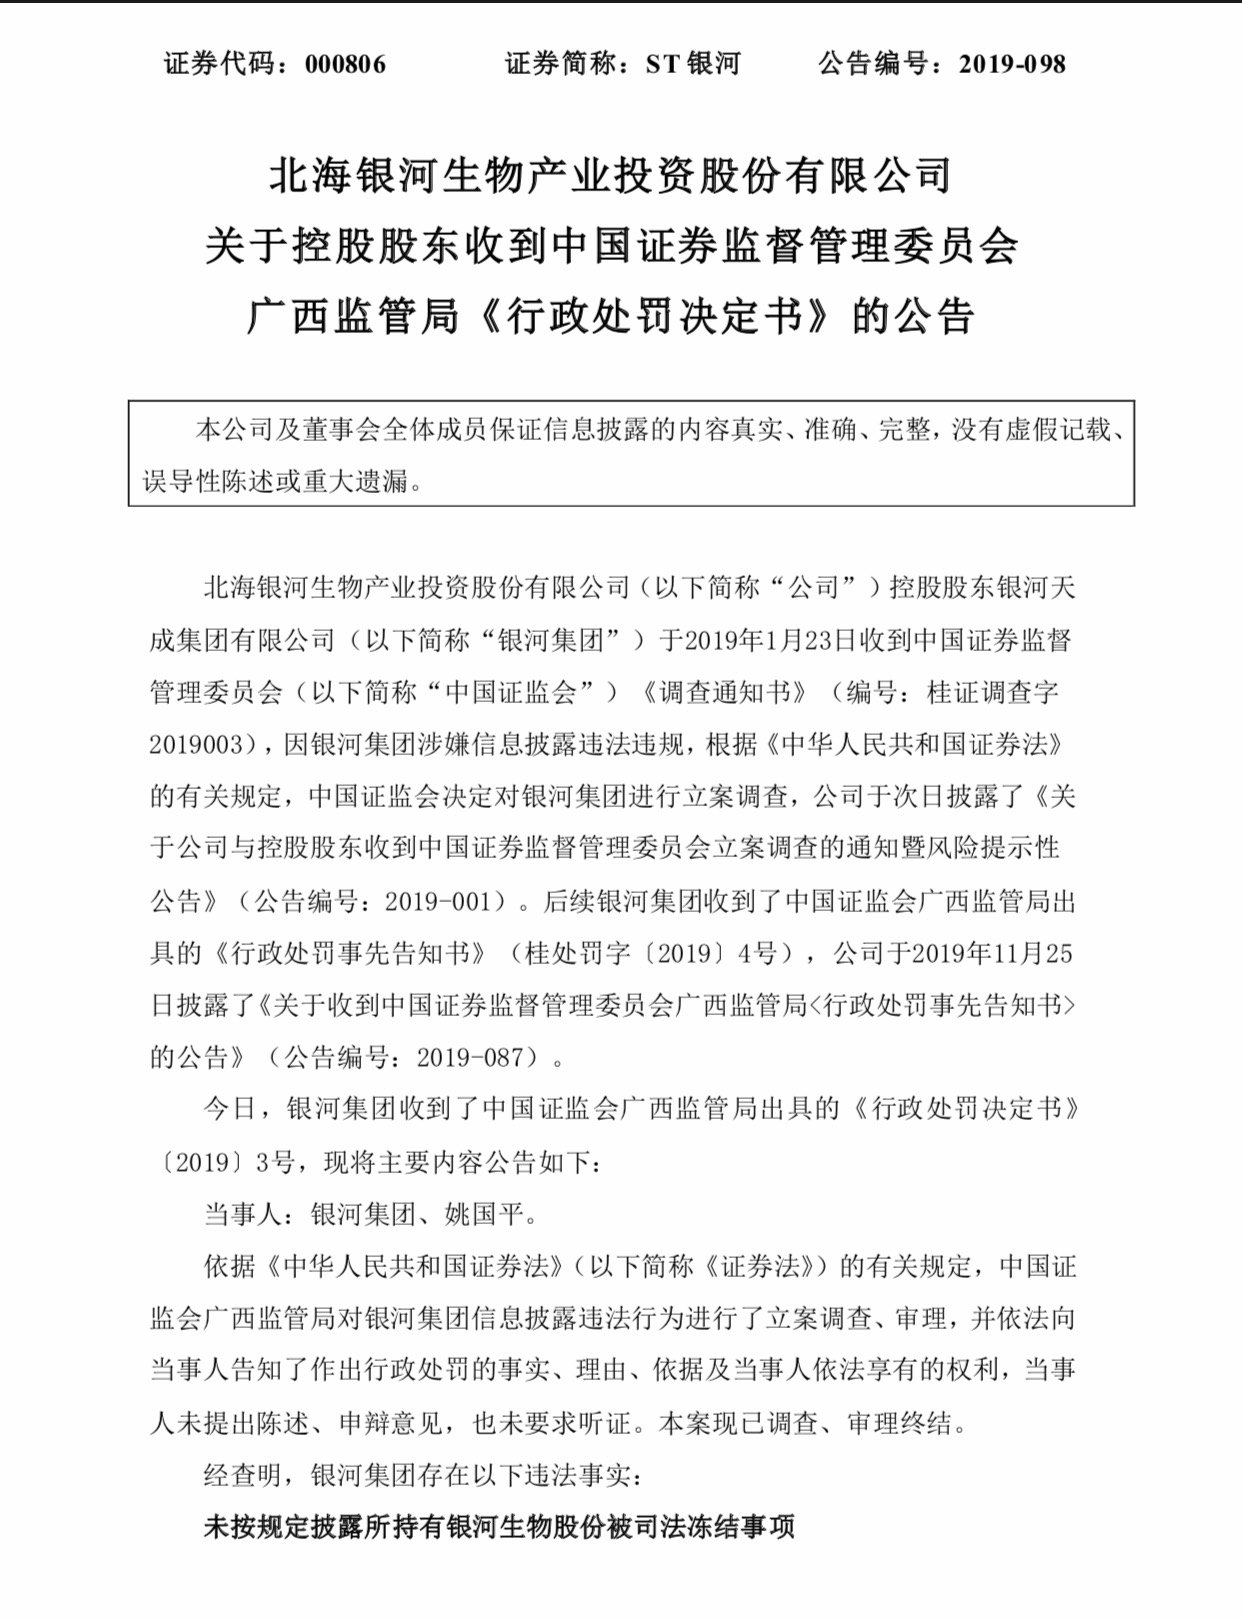 ST银河控股股东正式处罚决定公告截图